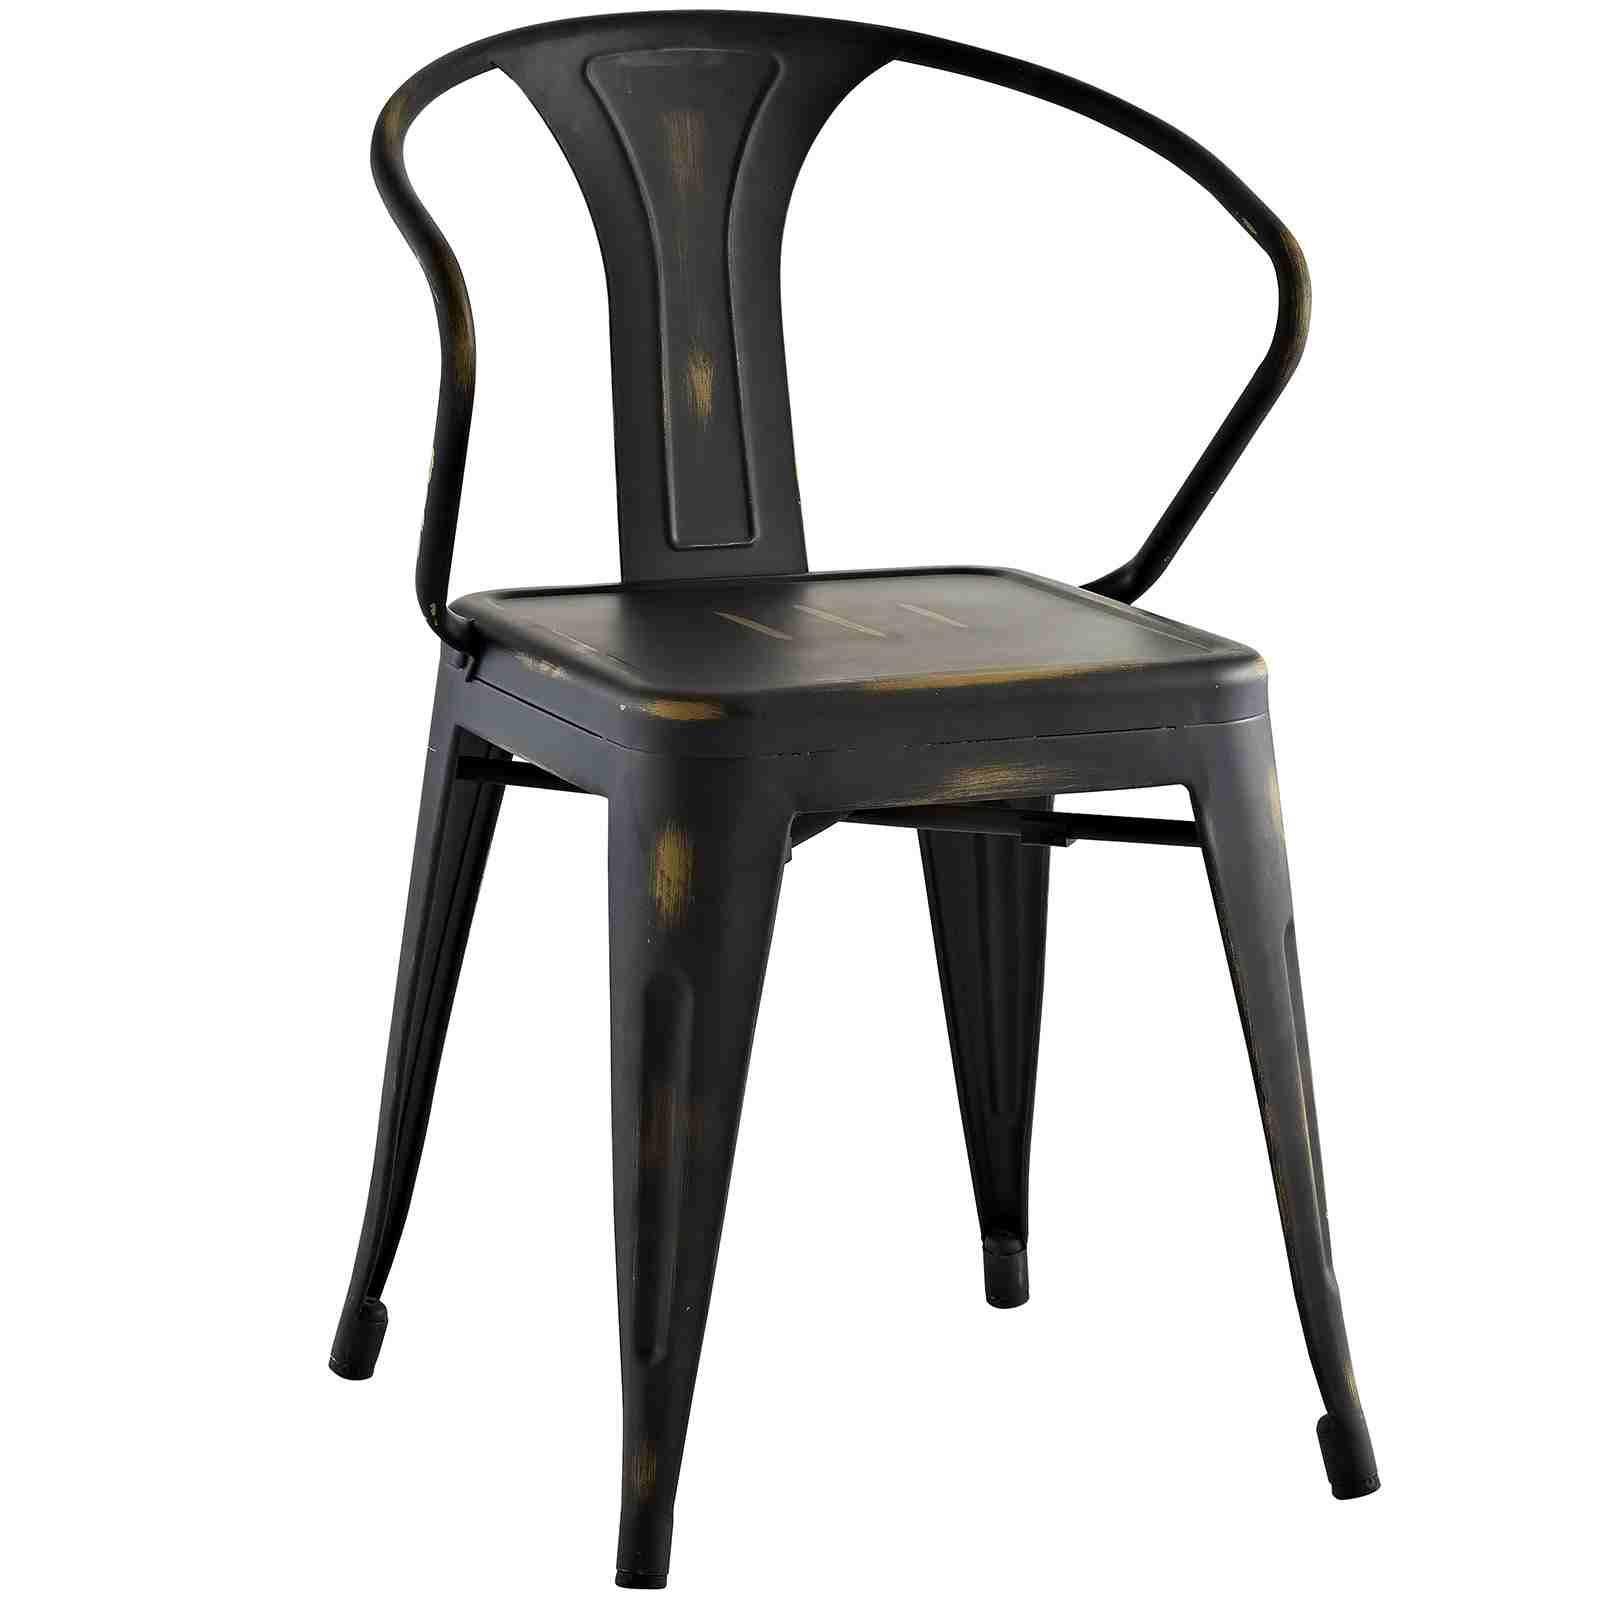 Retro Küche Stühle Für Verkauf 50 S Esszimmer Stühle Set   Retro Kitchen  Table And Chairs For Sale #Küchenstühle